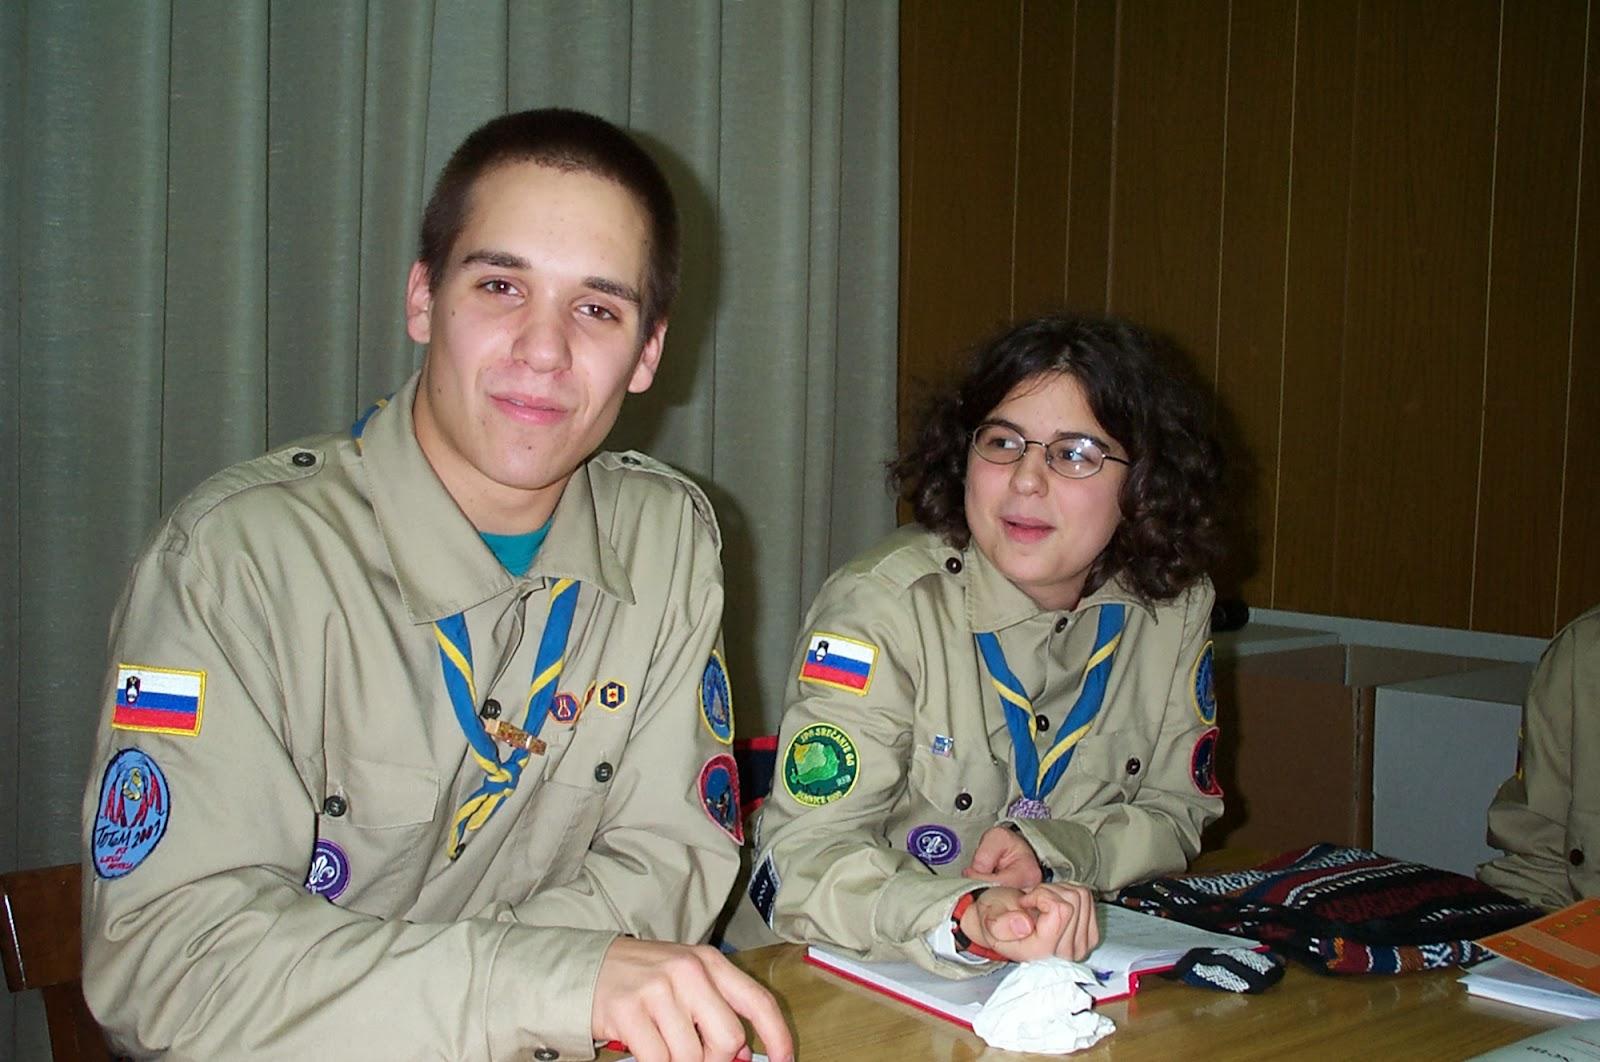 Sestanek vodnikov, Ilirska Bistrica - DCP_3485.JPG